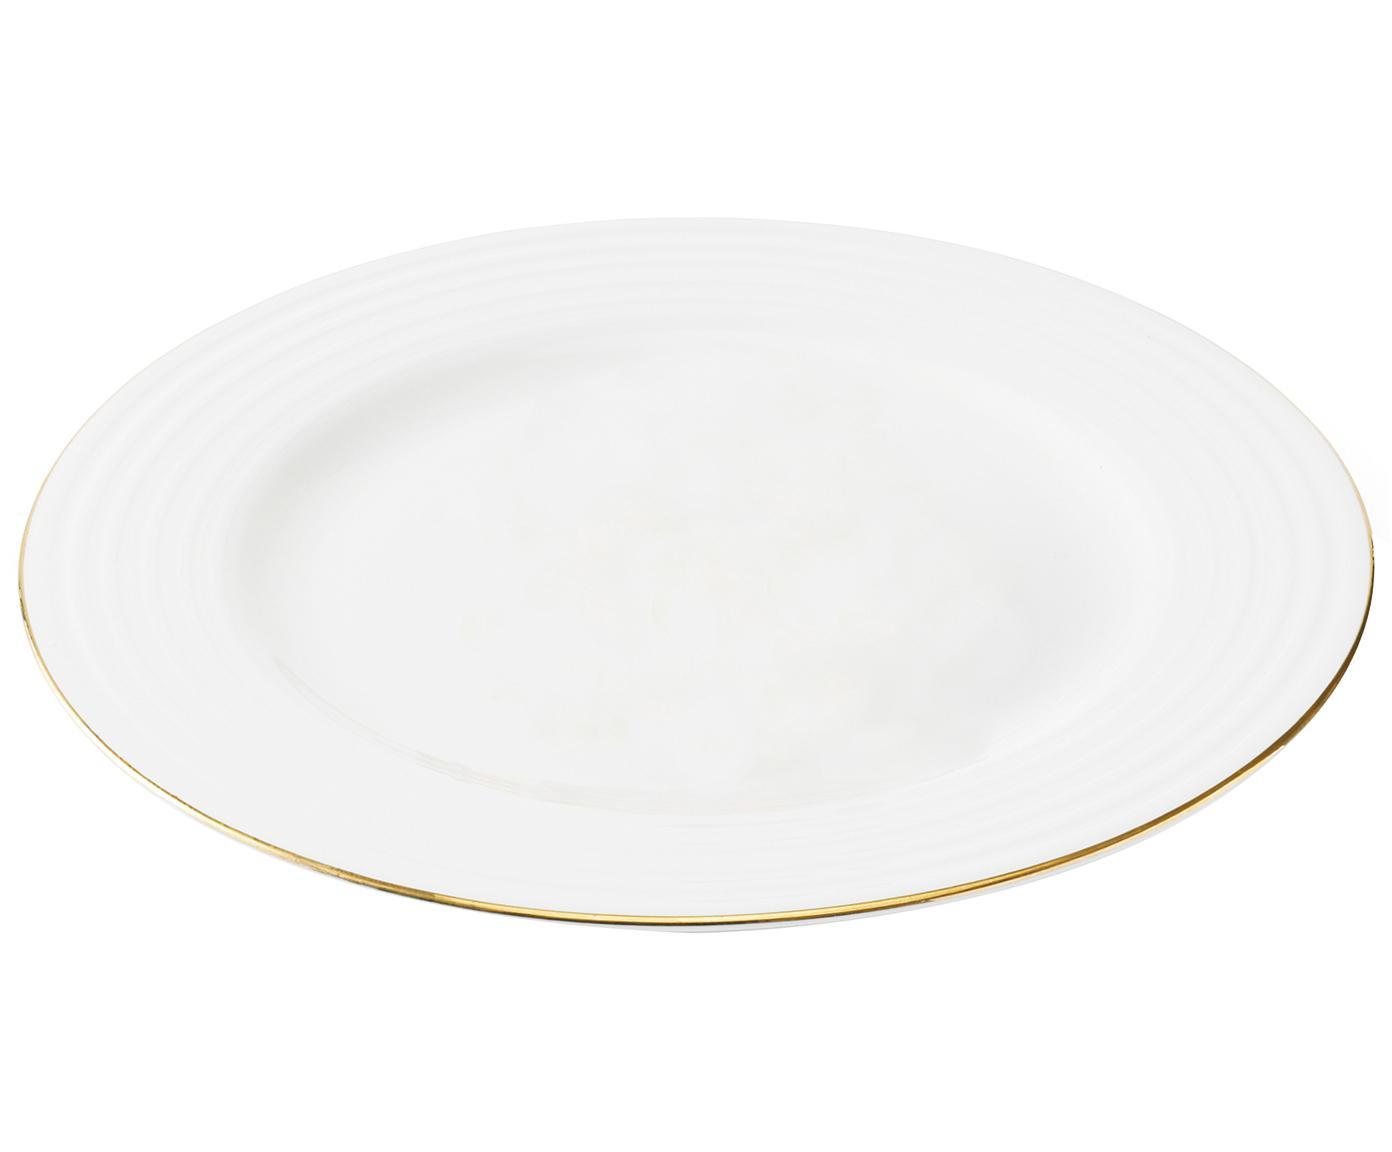 Platos postre texturizados Cobald, 4uds., Porcelana, Blanco, dorado, Ø 23 cm